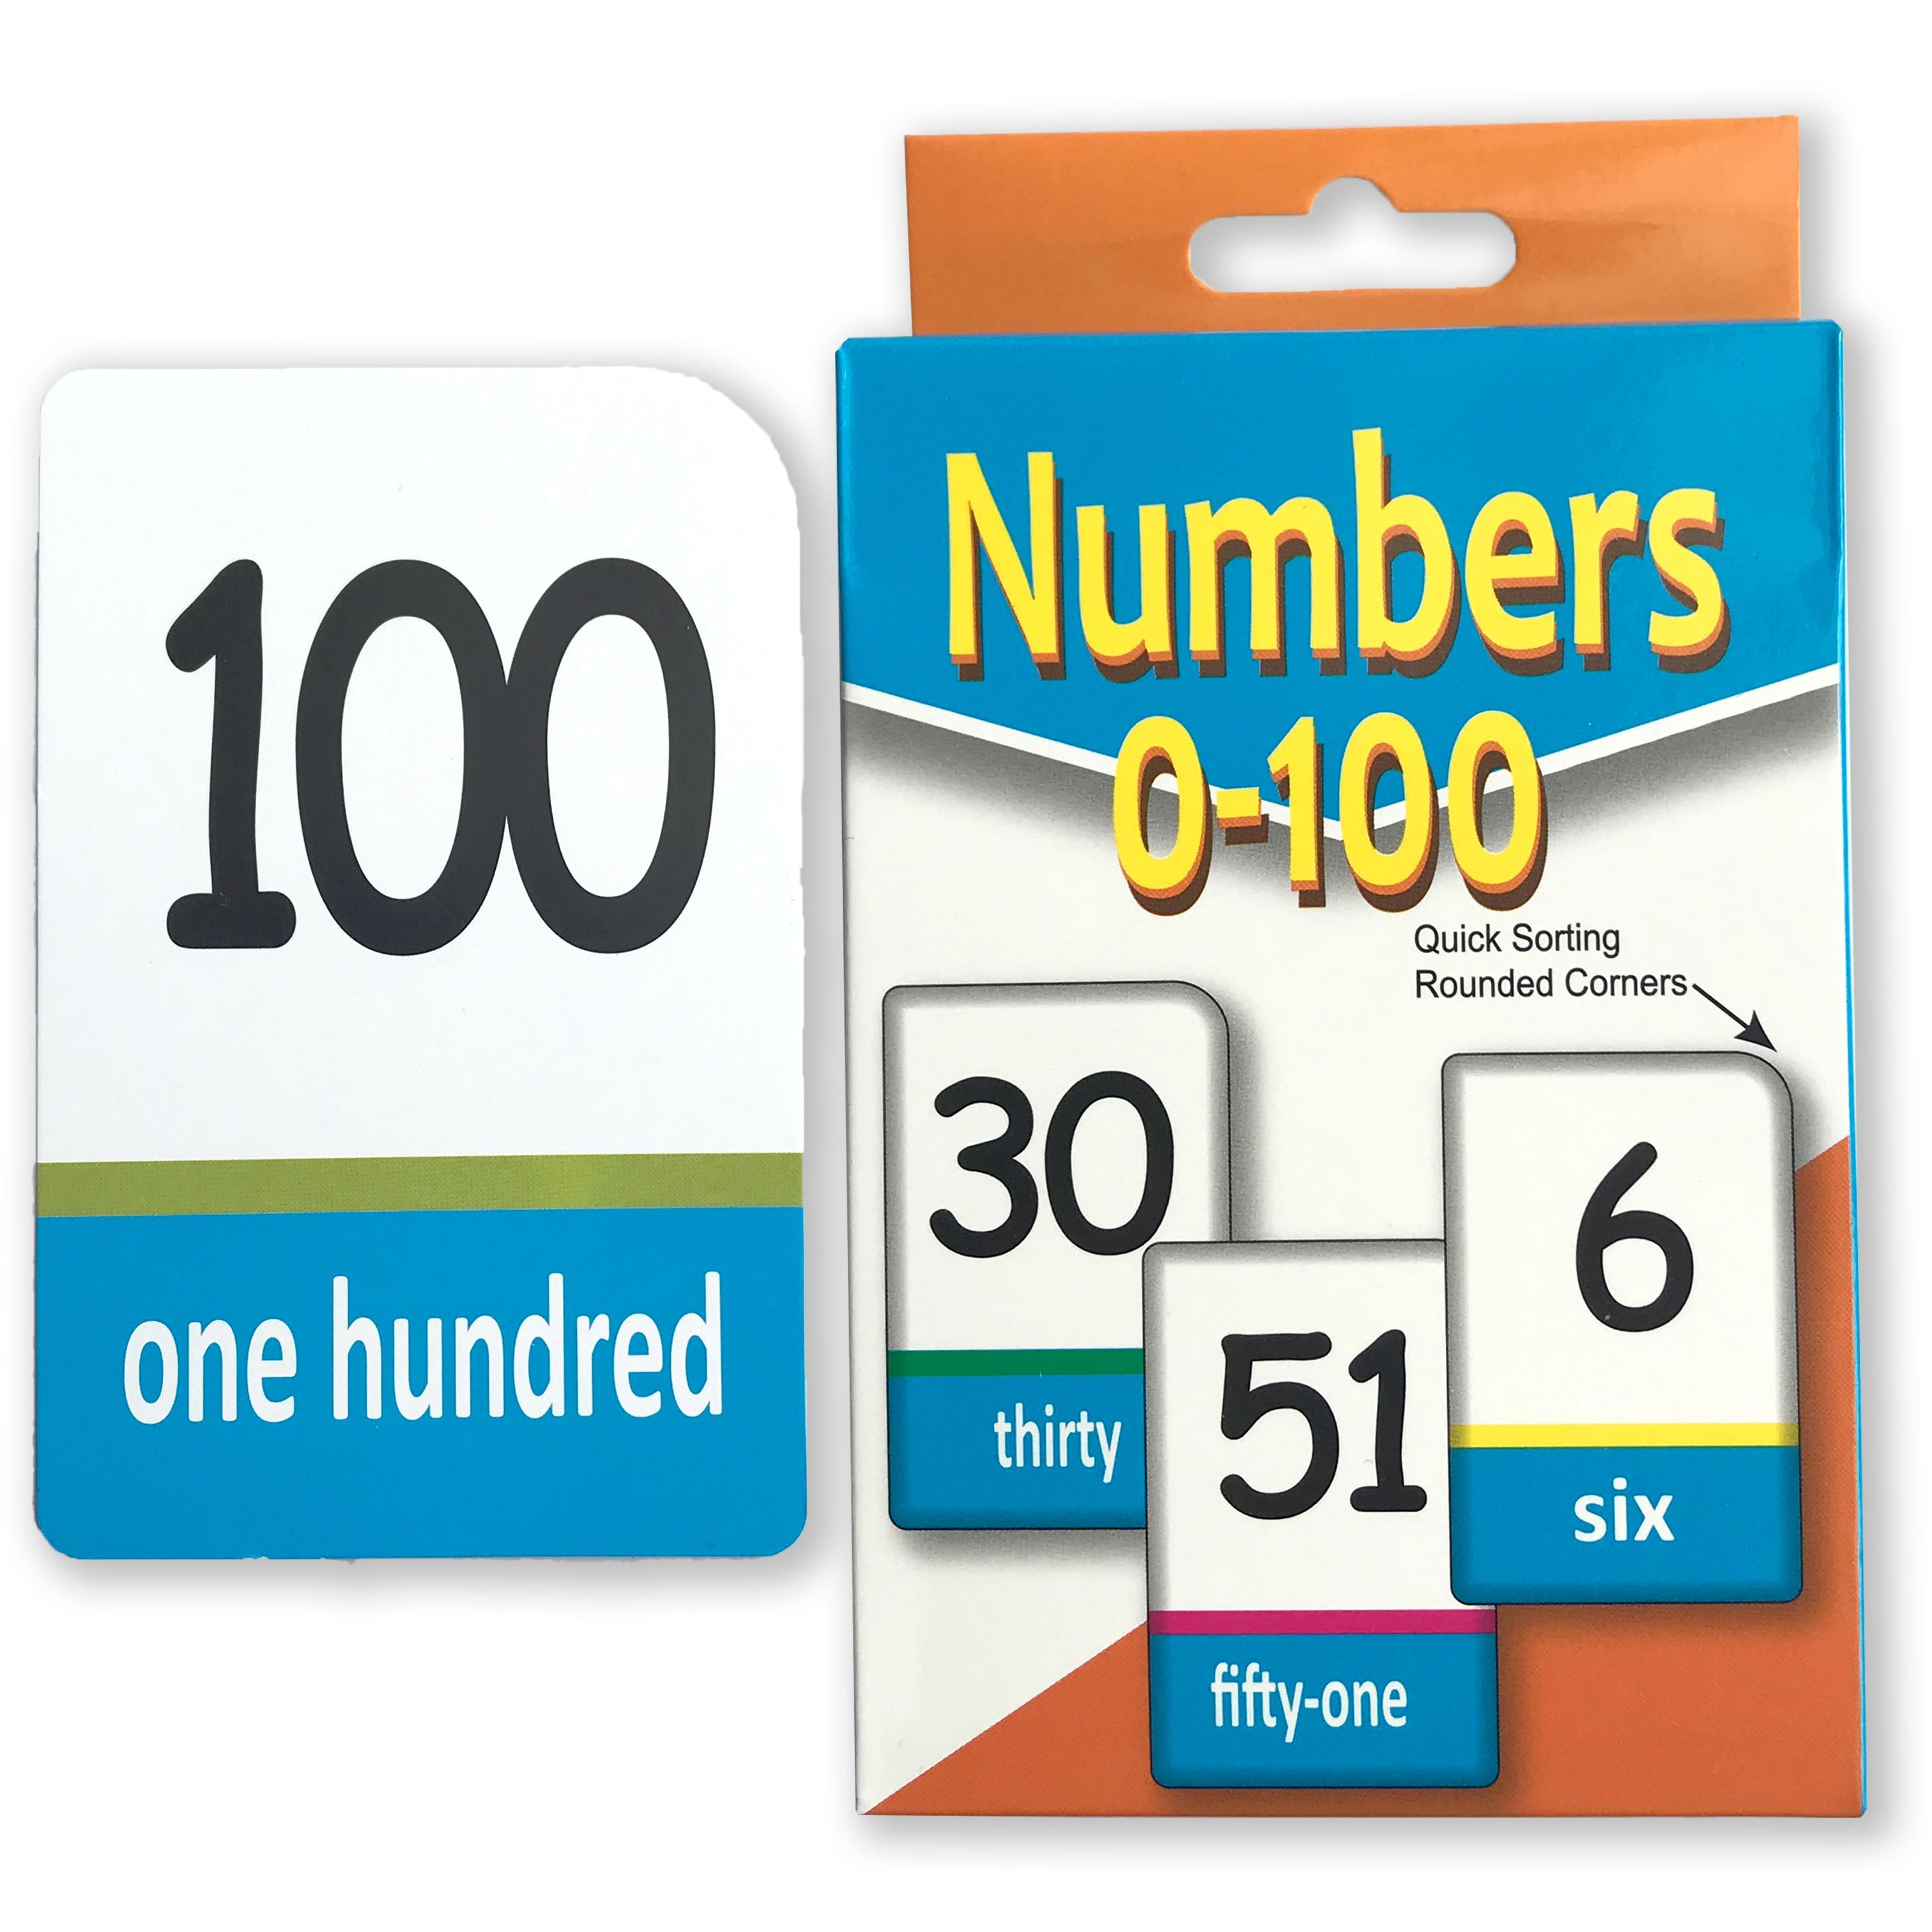 Двусторонняя печать цифр-карт 0-100, 51 лист для раннего развития детей